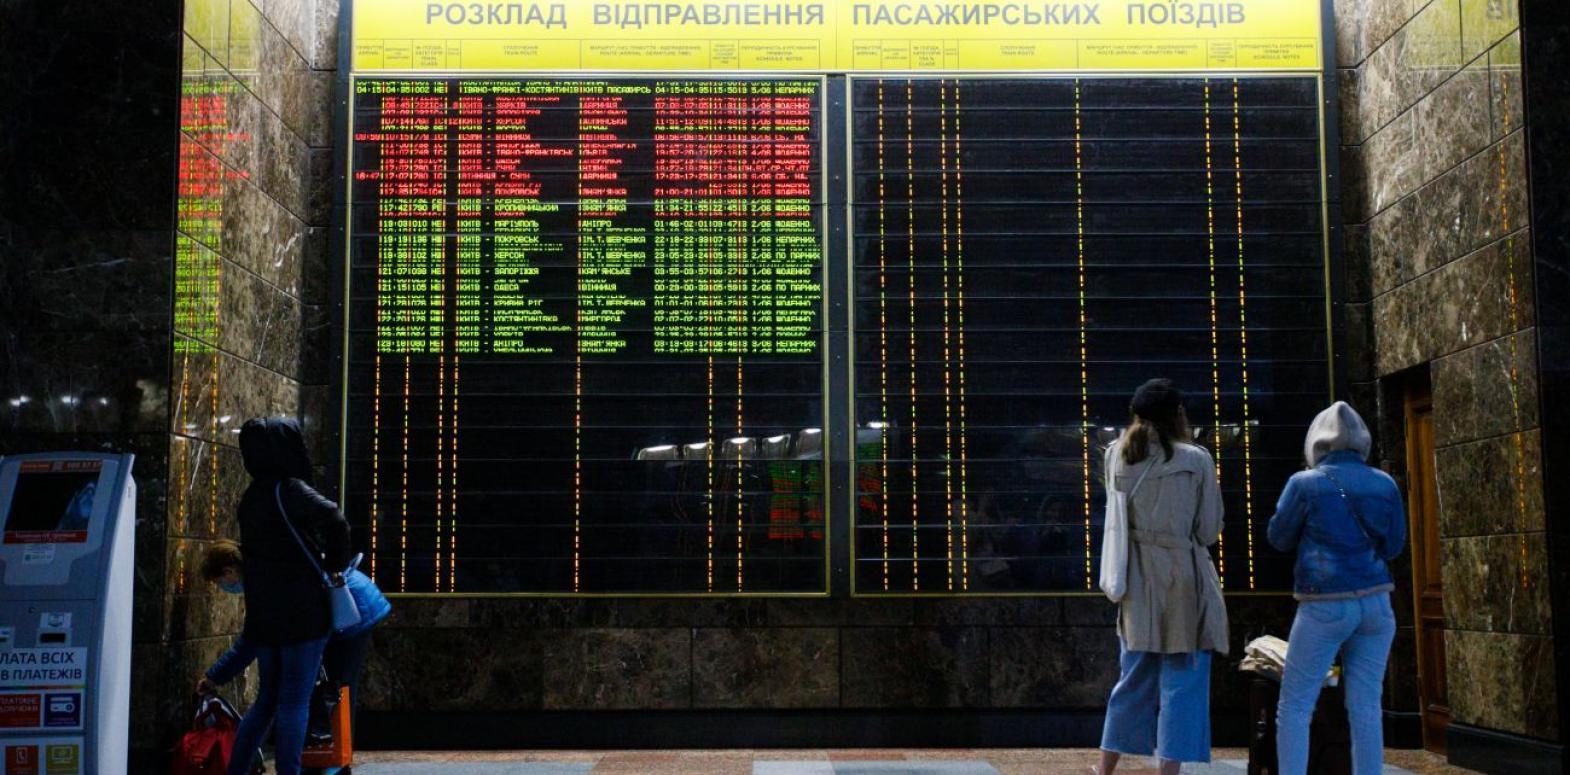 Железнодорожные билеты подорожают: на сколько вырастет стоимость в 2021 году